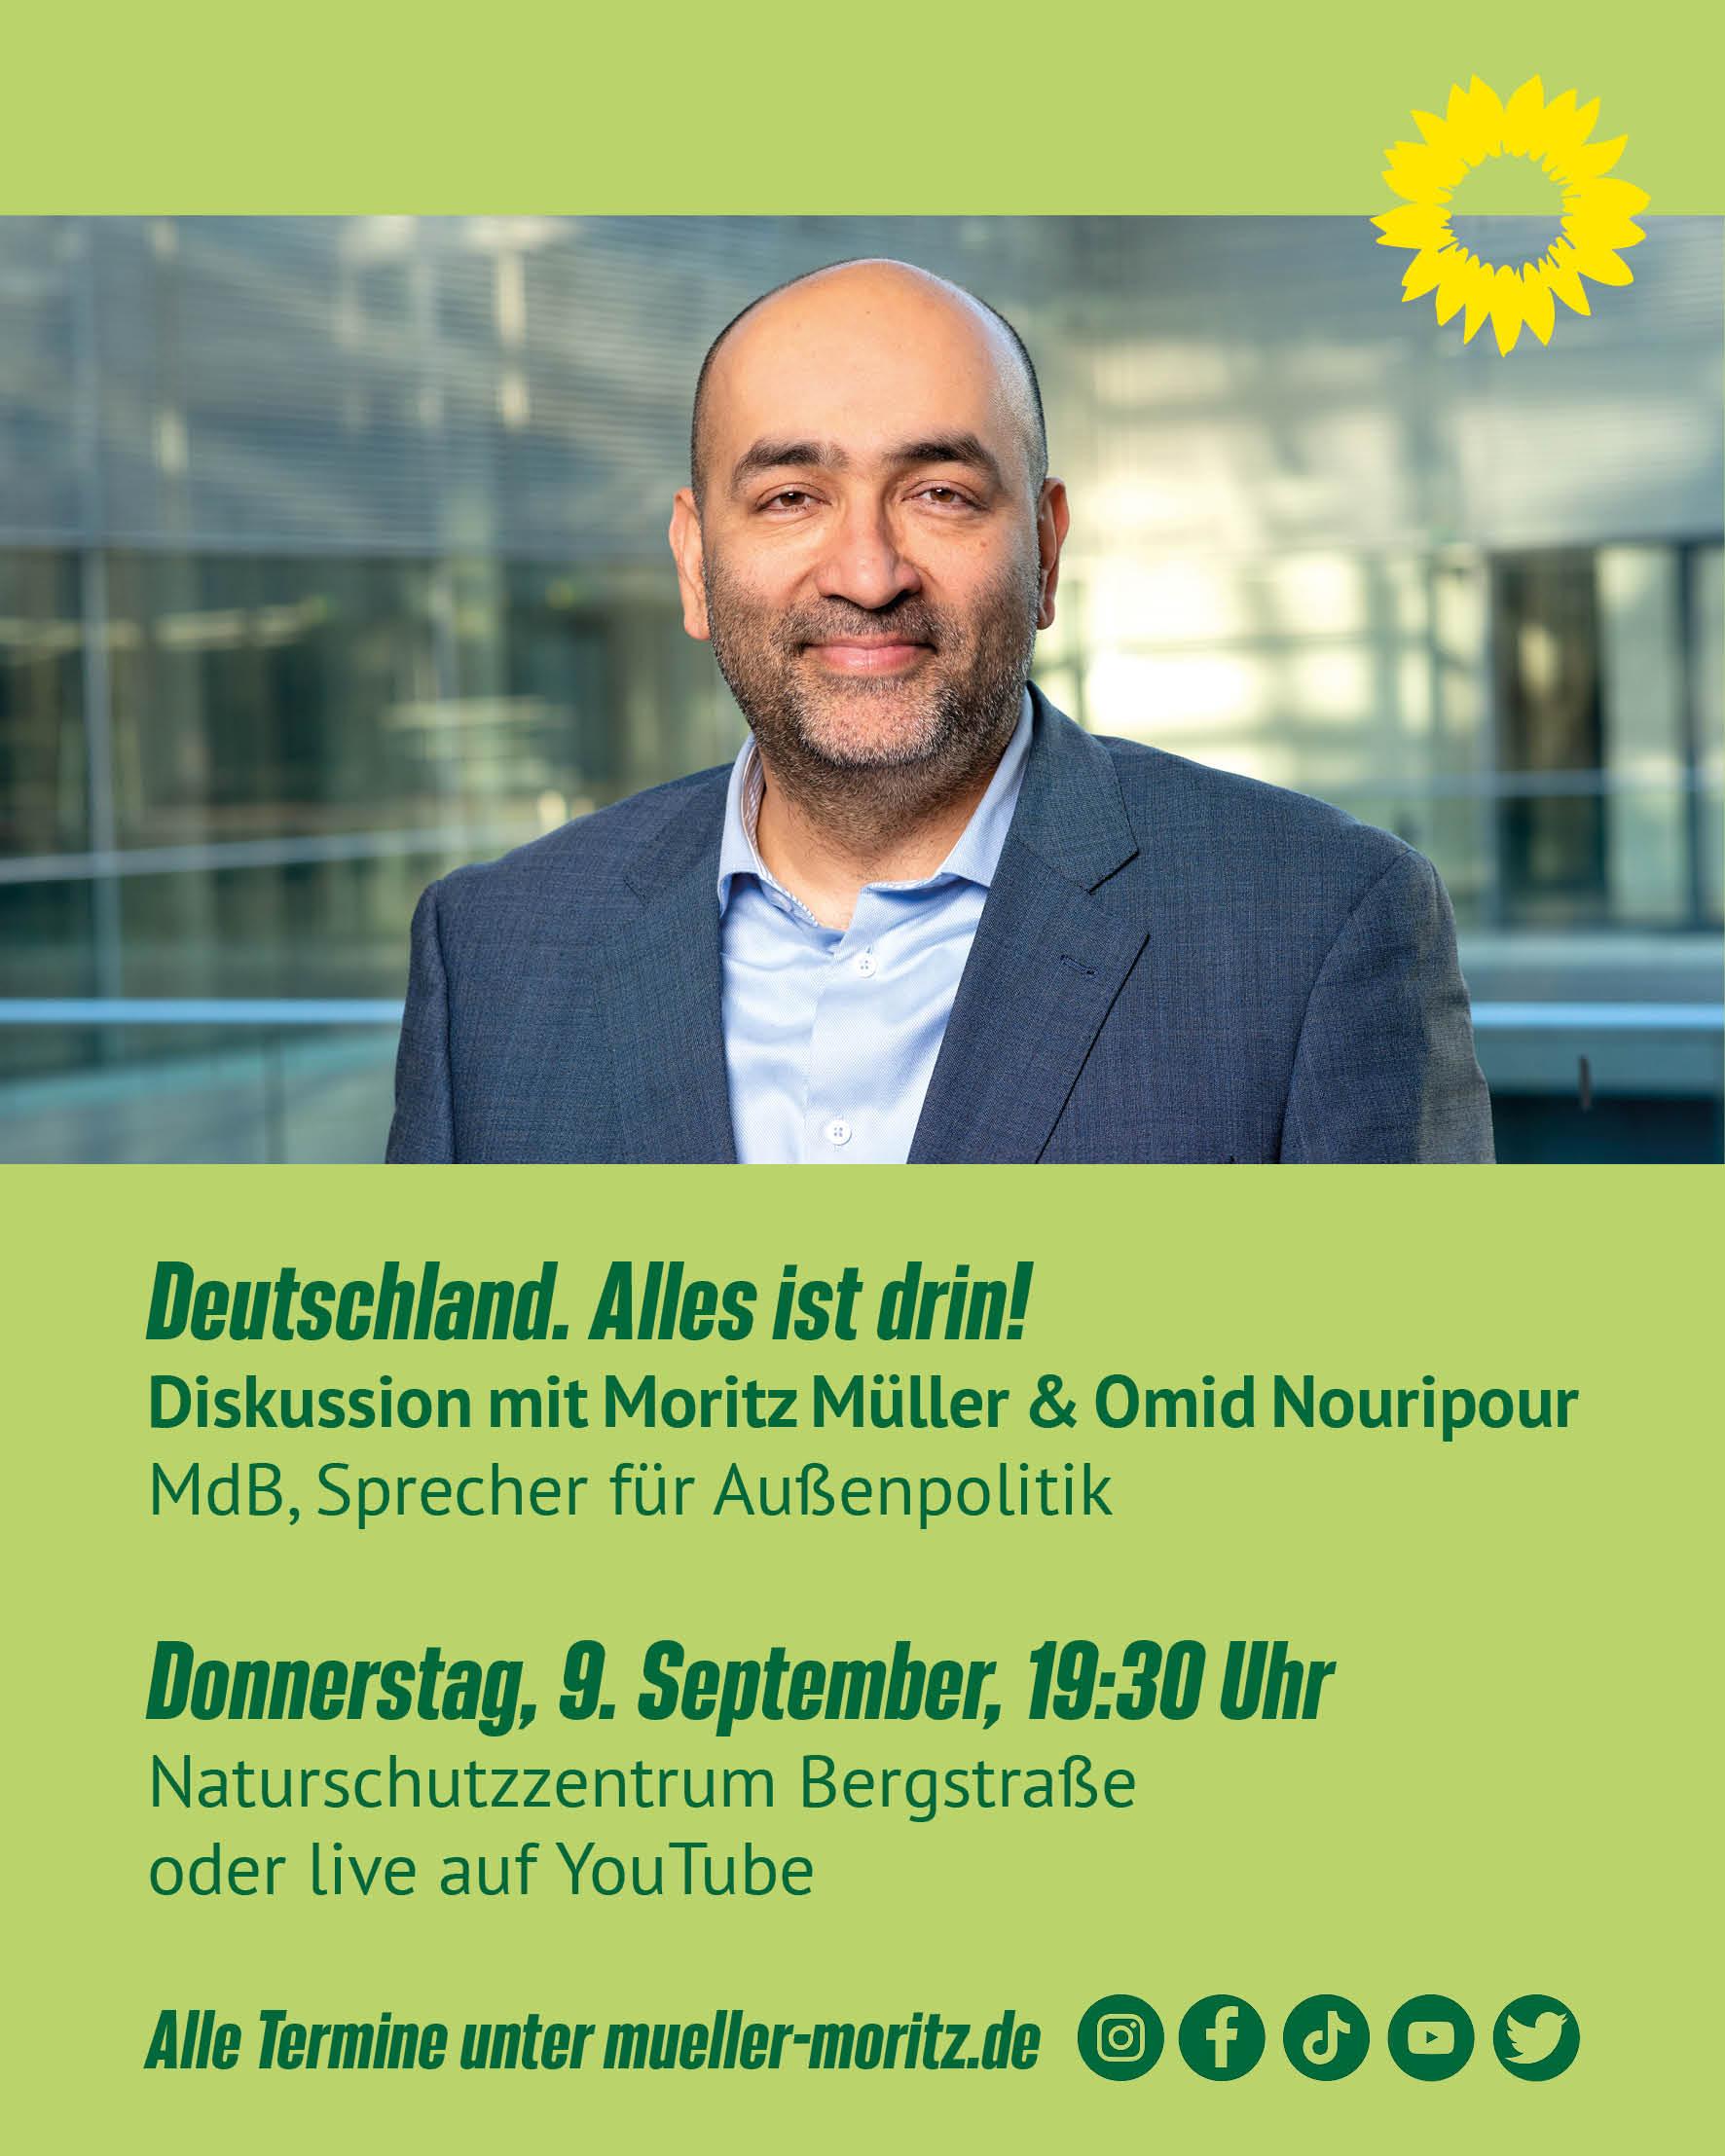 Veranstaltung und Stream 9.9: Deutschland. Alles ist drin.